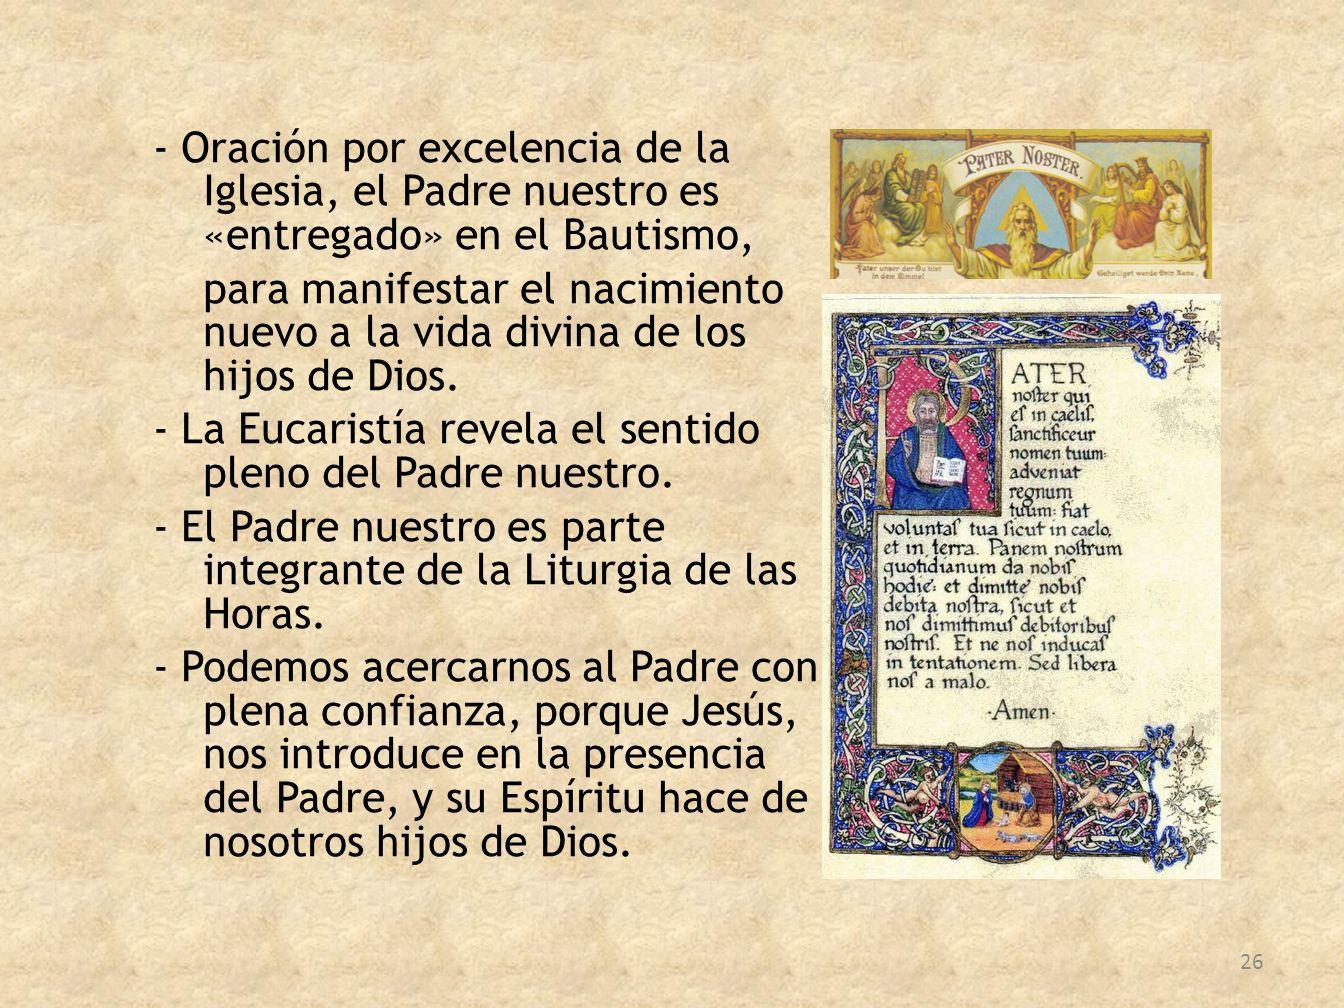 - Oración por excelencia de la Iglesia, el Padre nuestro es «entregado» en el Bautismo, para manifestar el nacimiento nuevo a la vida divina de los hi